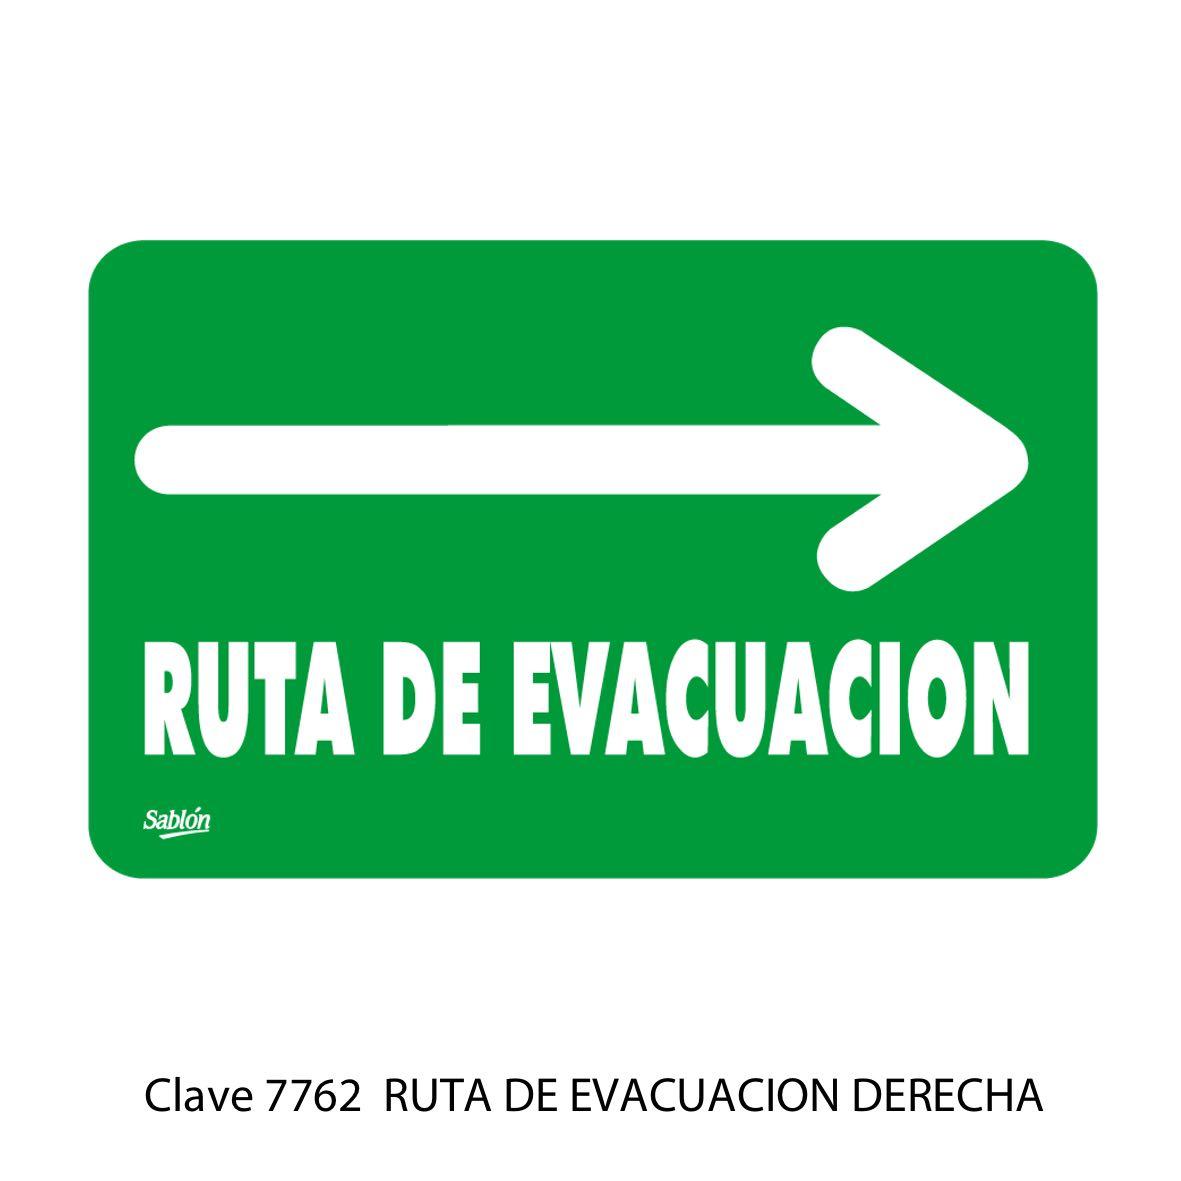 Reunion  >> Señal de Rutas de Evacuación - Sablón